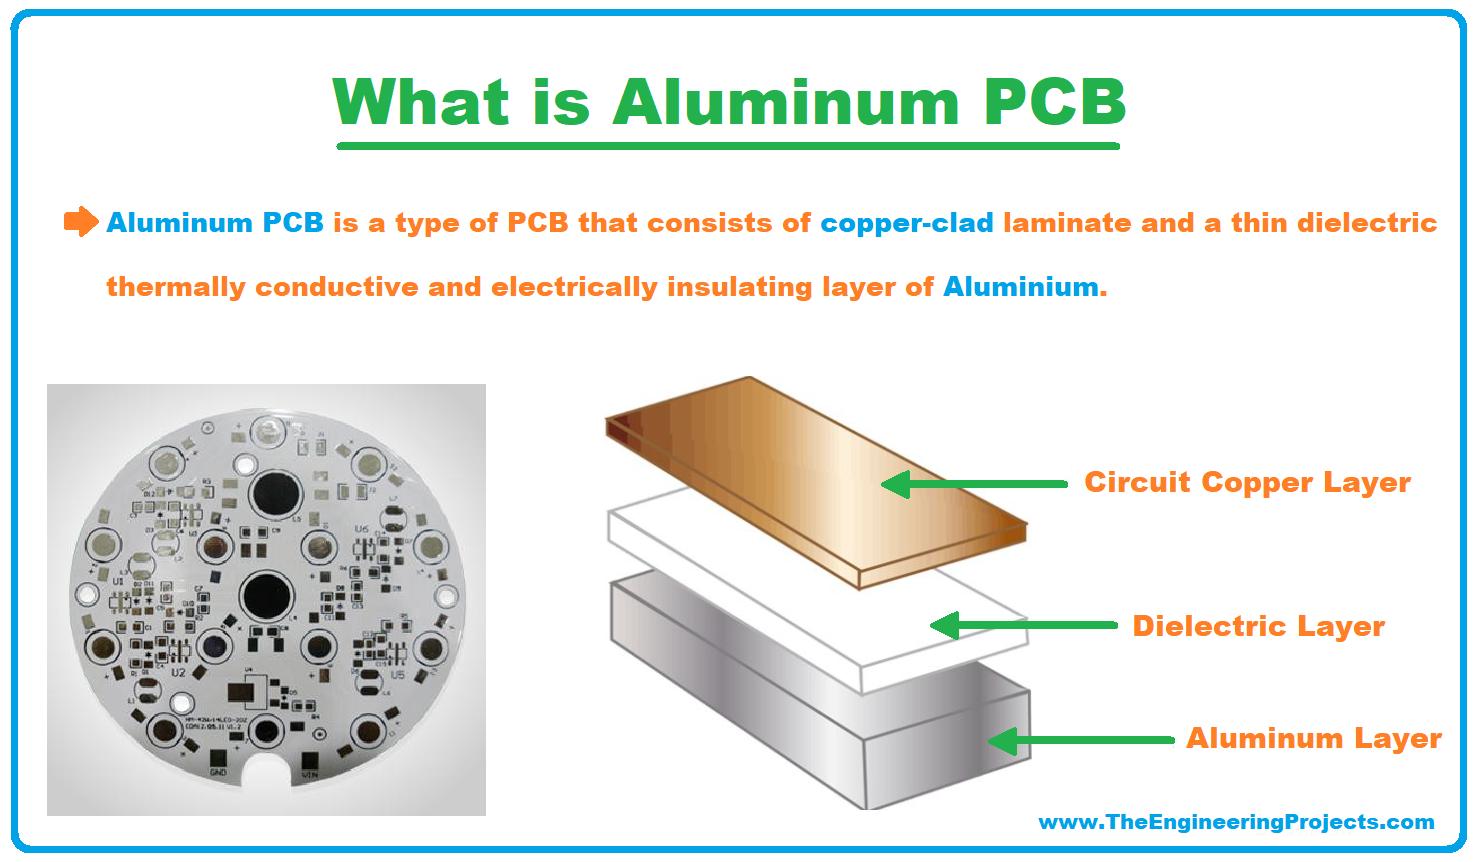 aluminum pcb, introduction to aluminum pcb, intro to aluminum pcb, applications of aluminum pcb, advantages of aluminum pcb, what is aluminum pcb